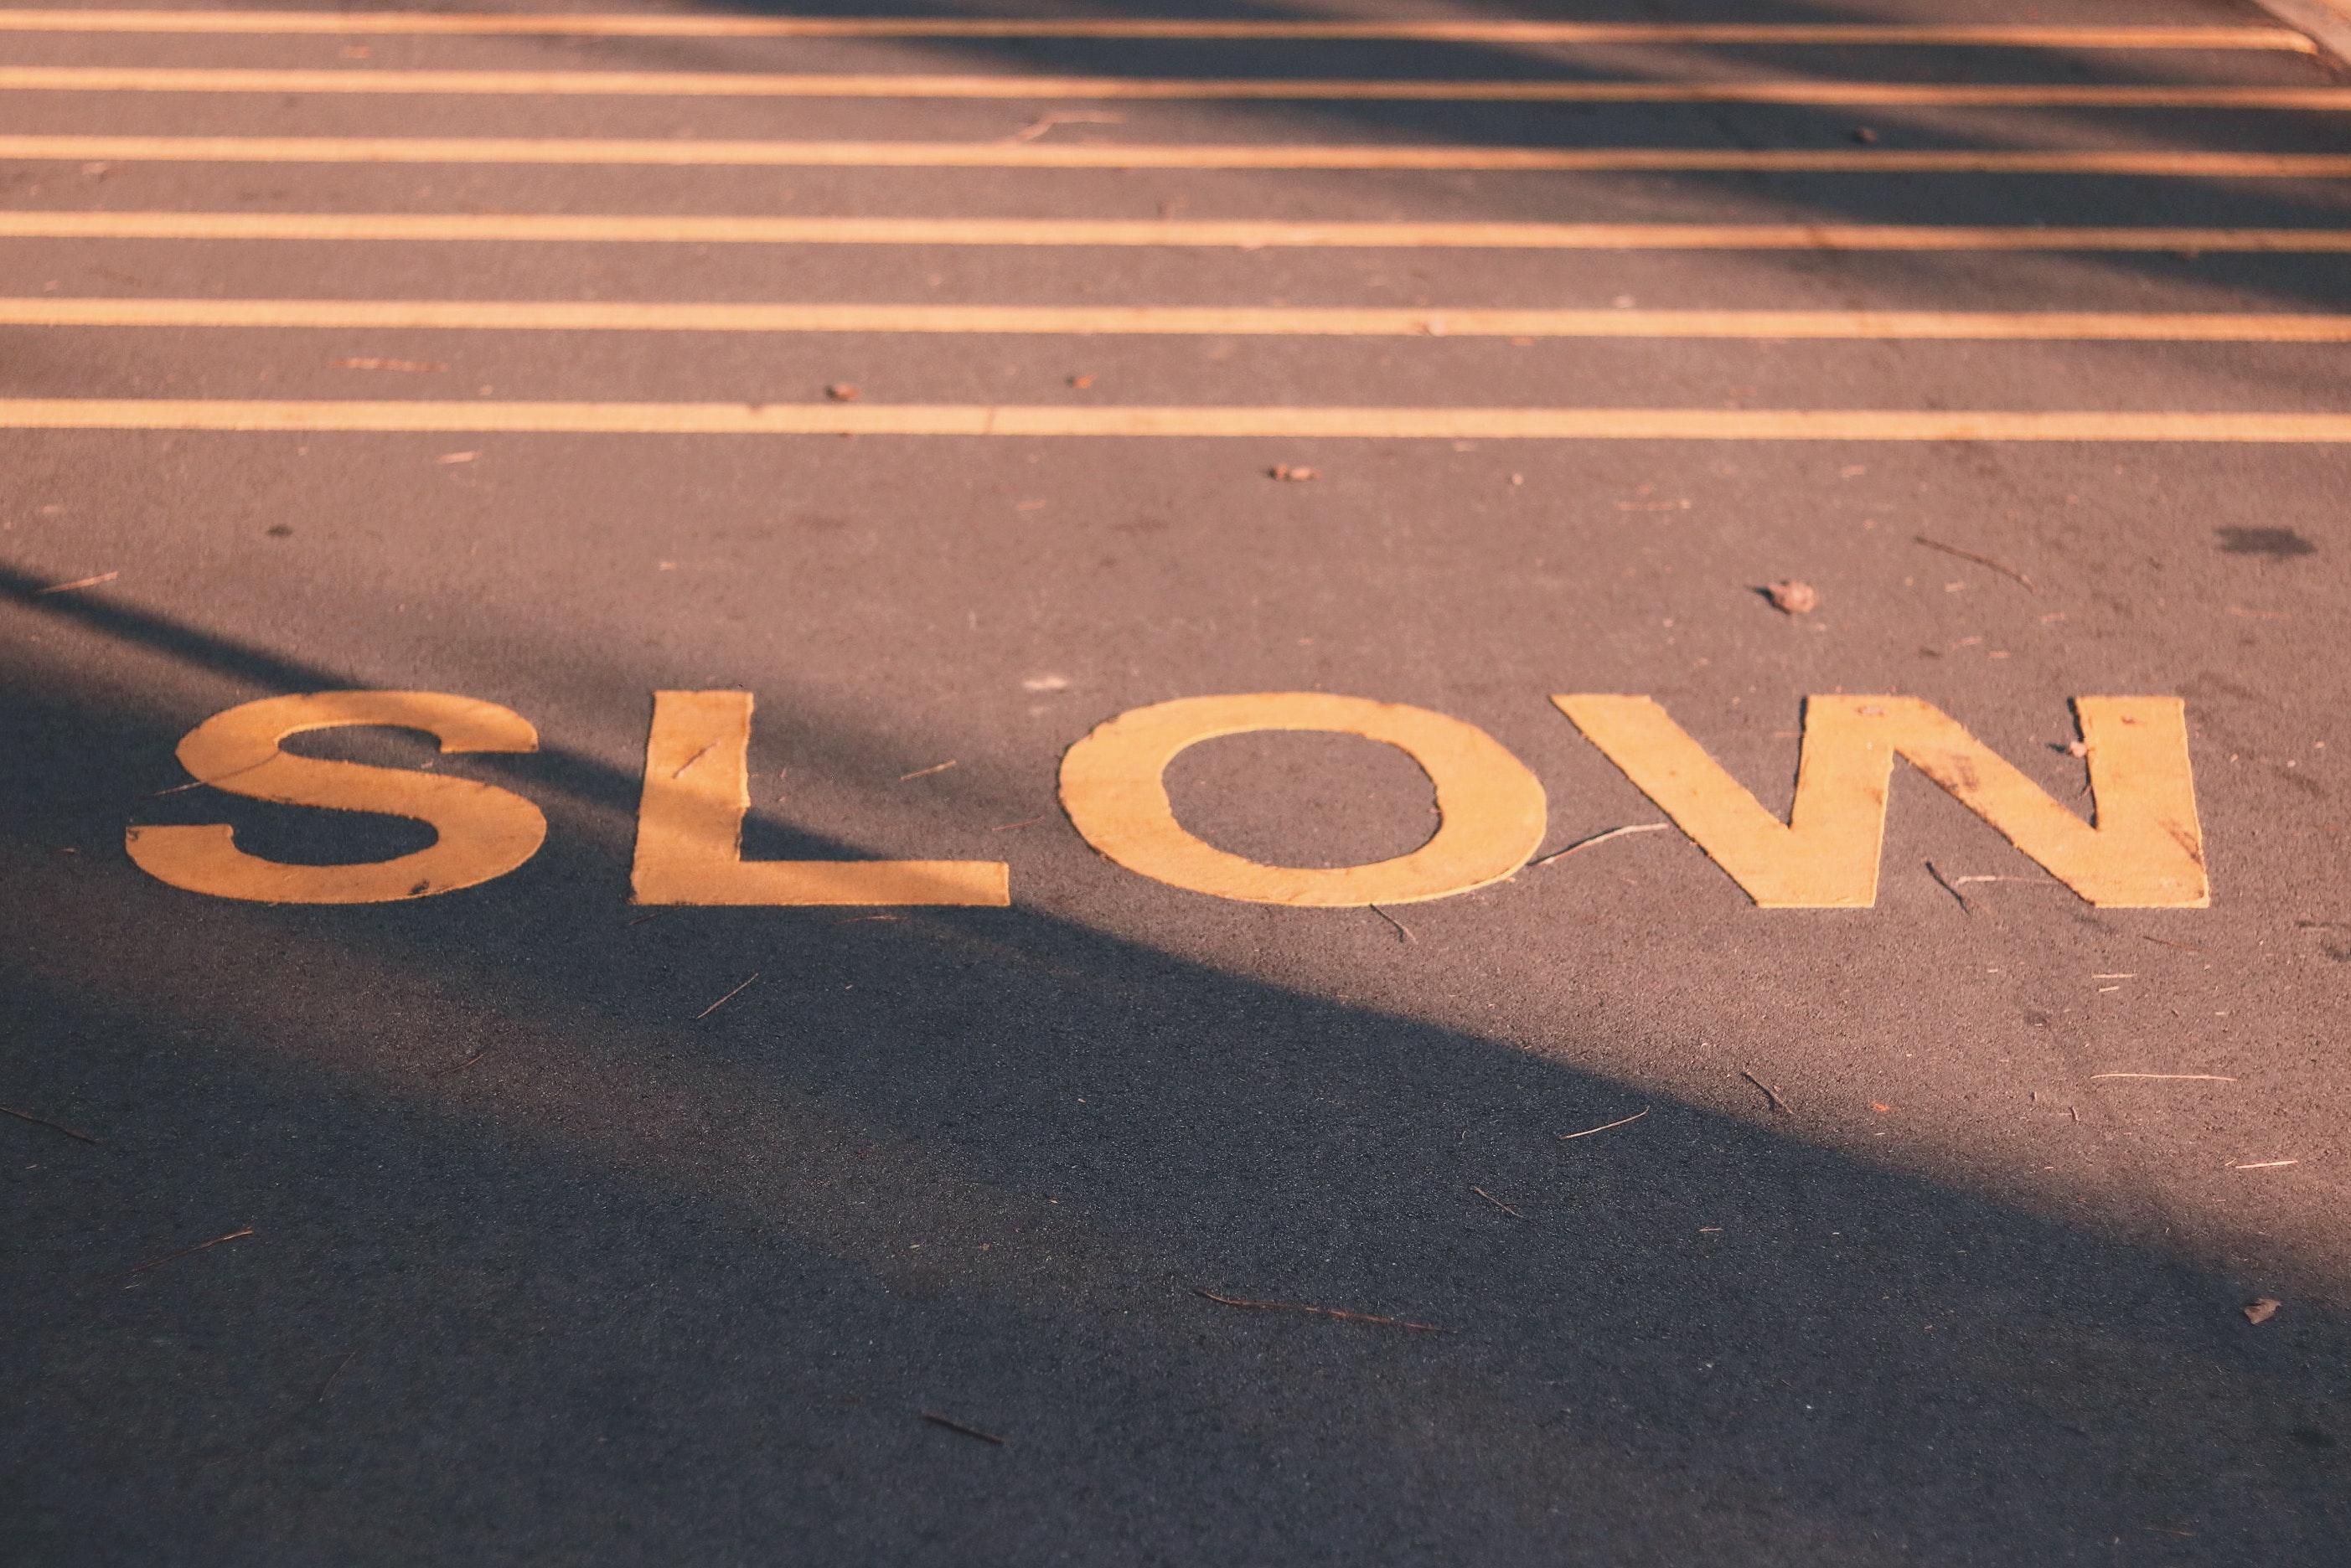 Slow signage on the asphalt road